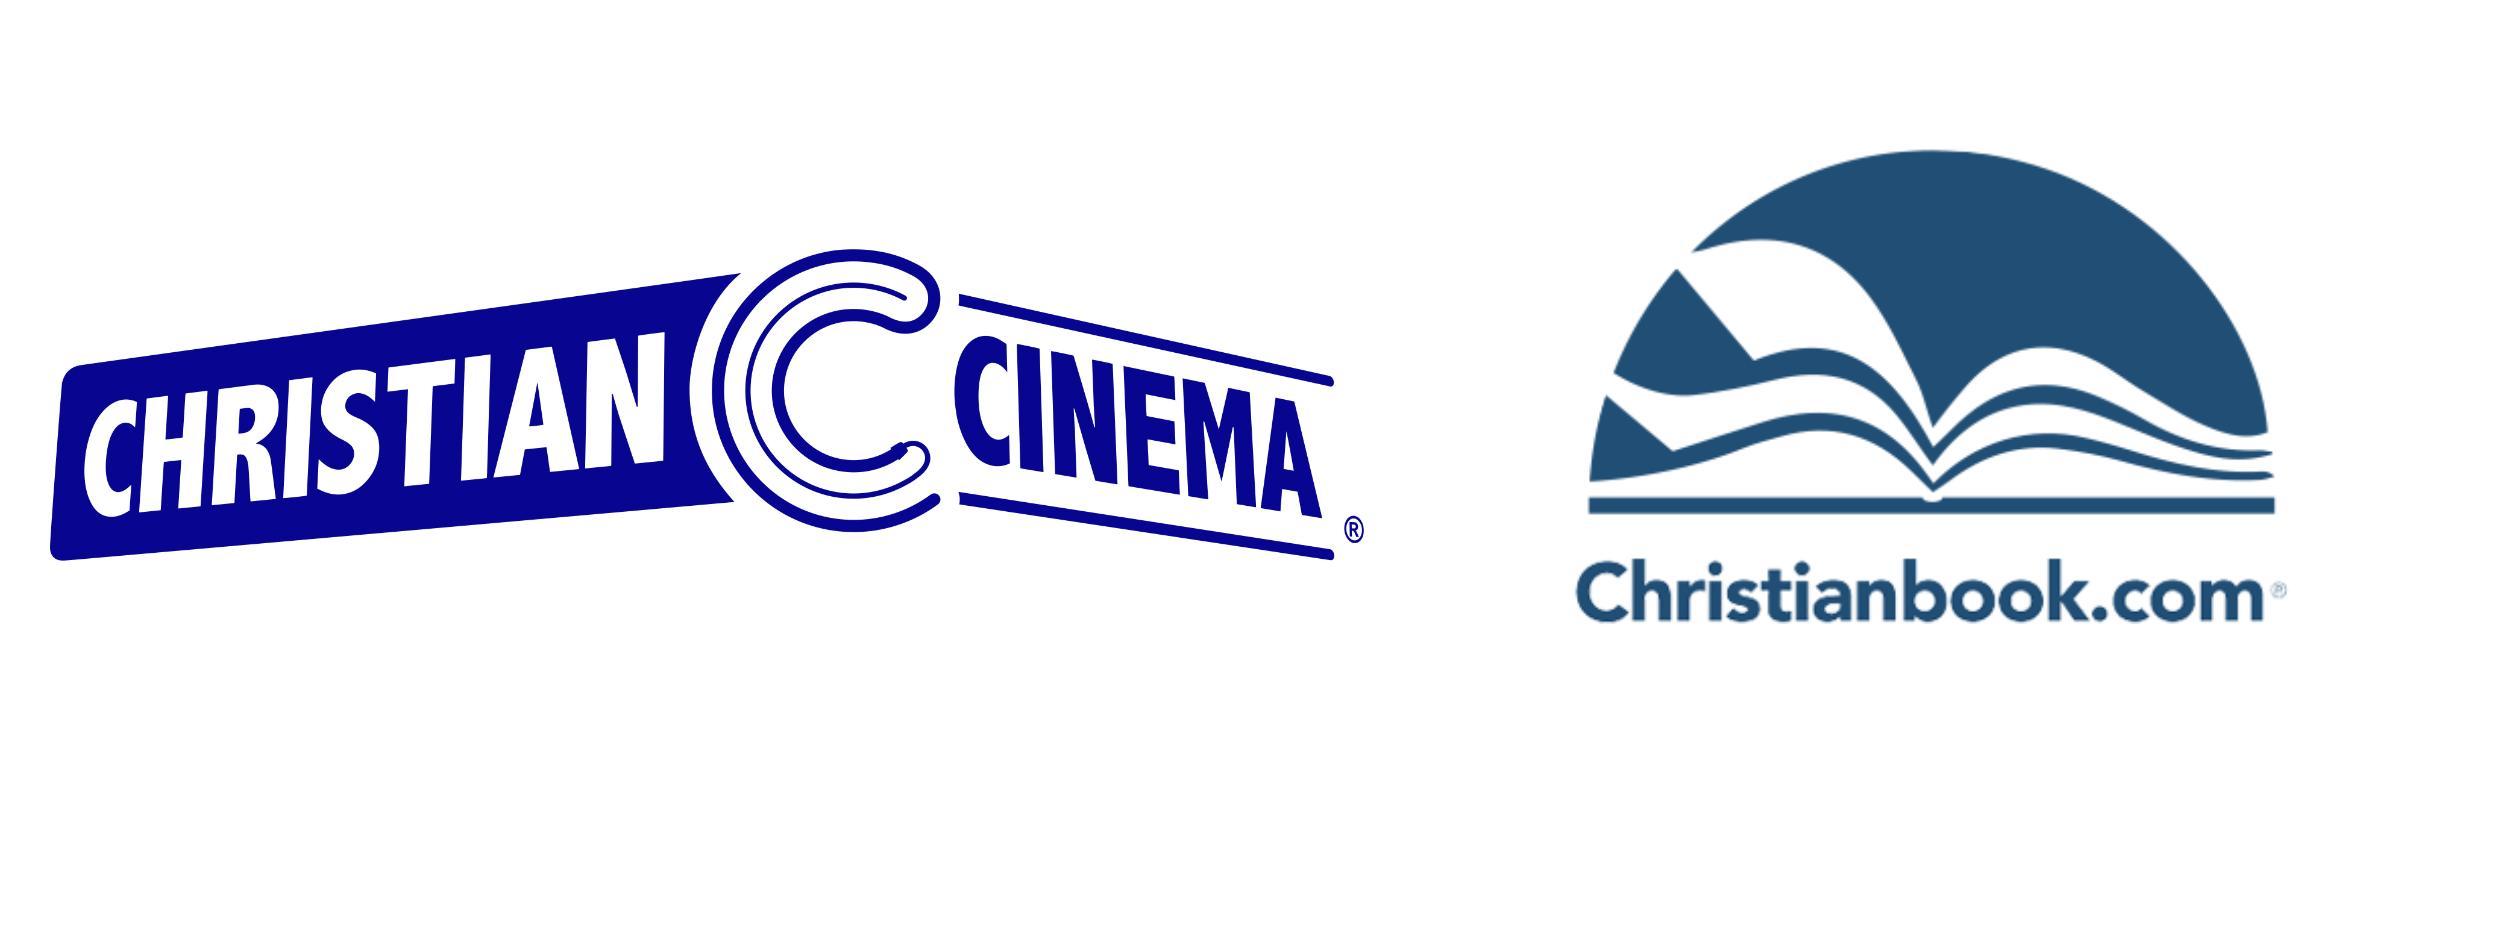 Christian Cinema to Power Digital Movie Platform for ... Christianbook.com